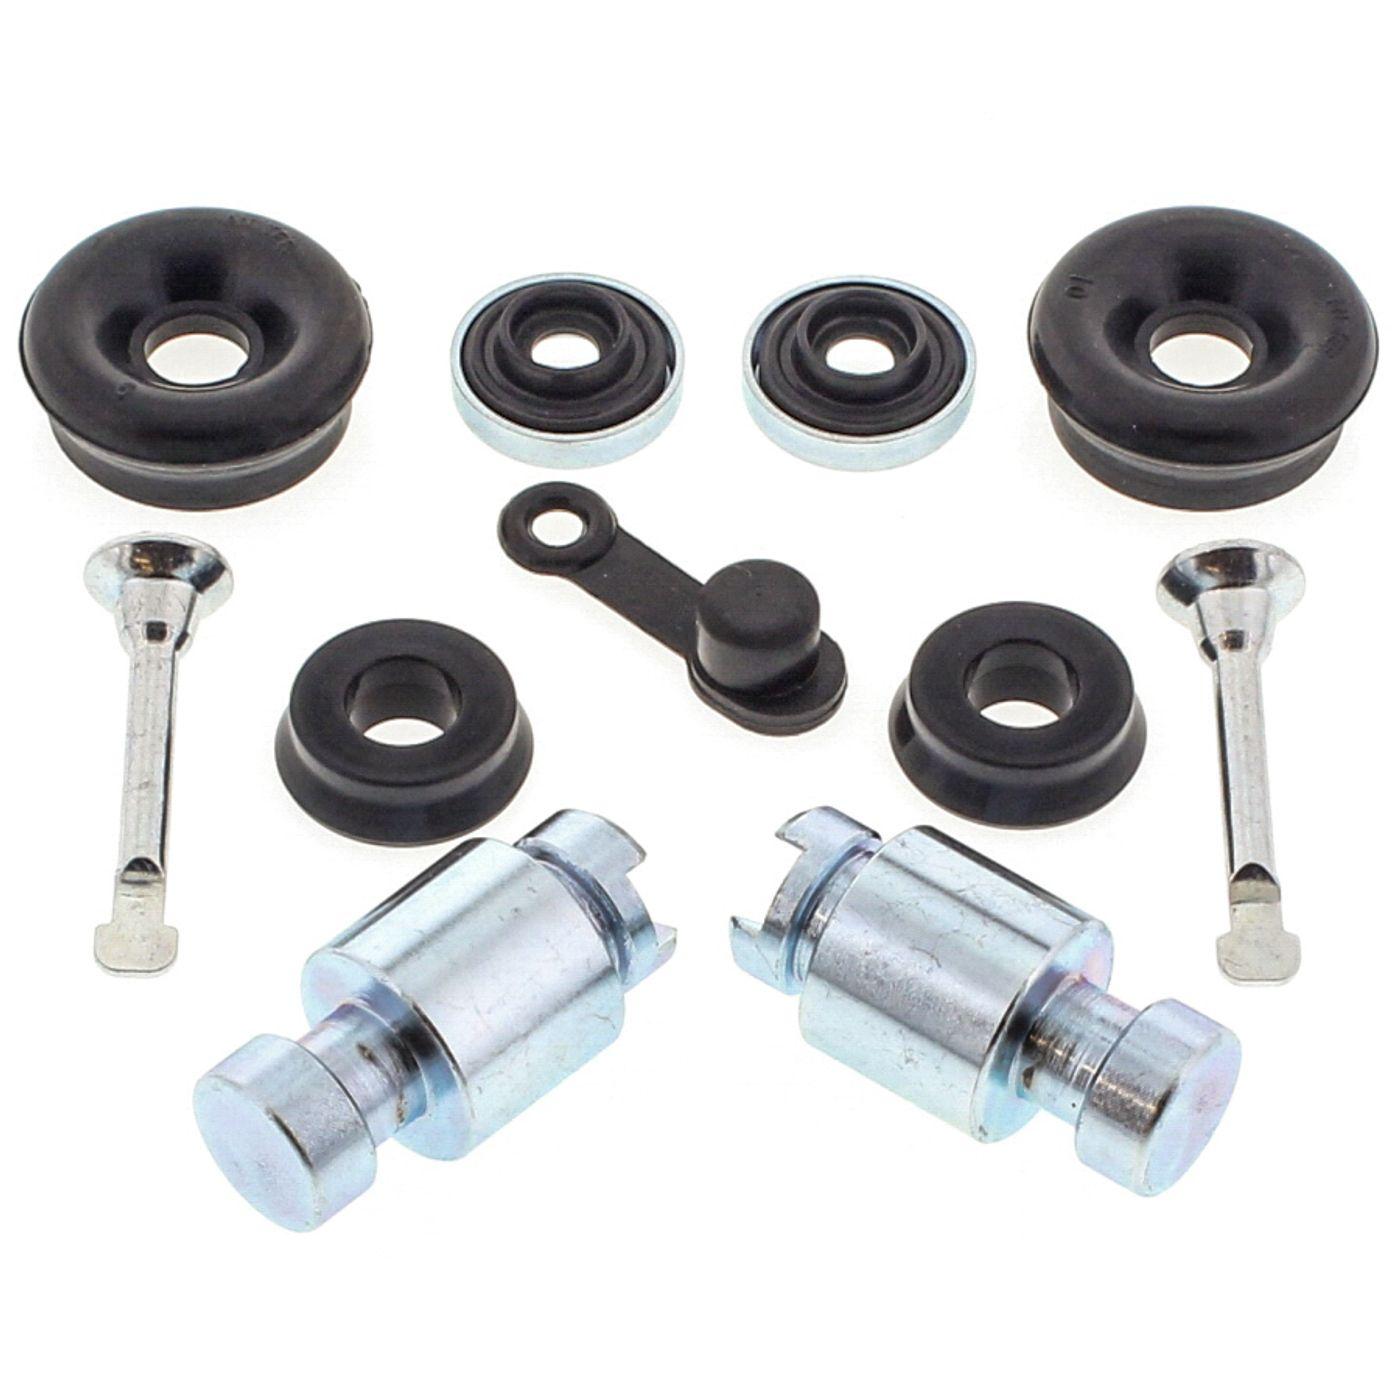 Wrp Wheel Cylinder Rebuild Kit - WRP185007 image